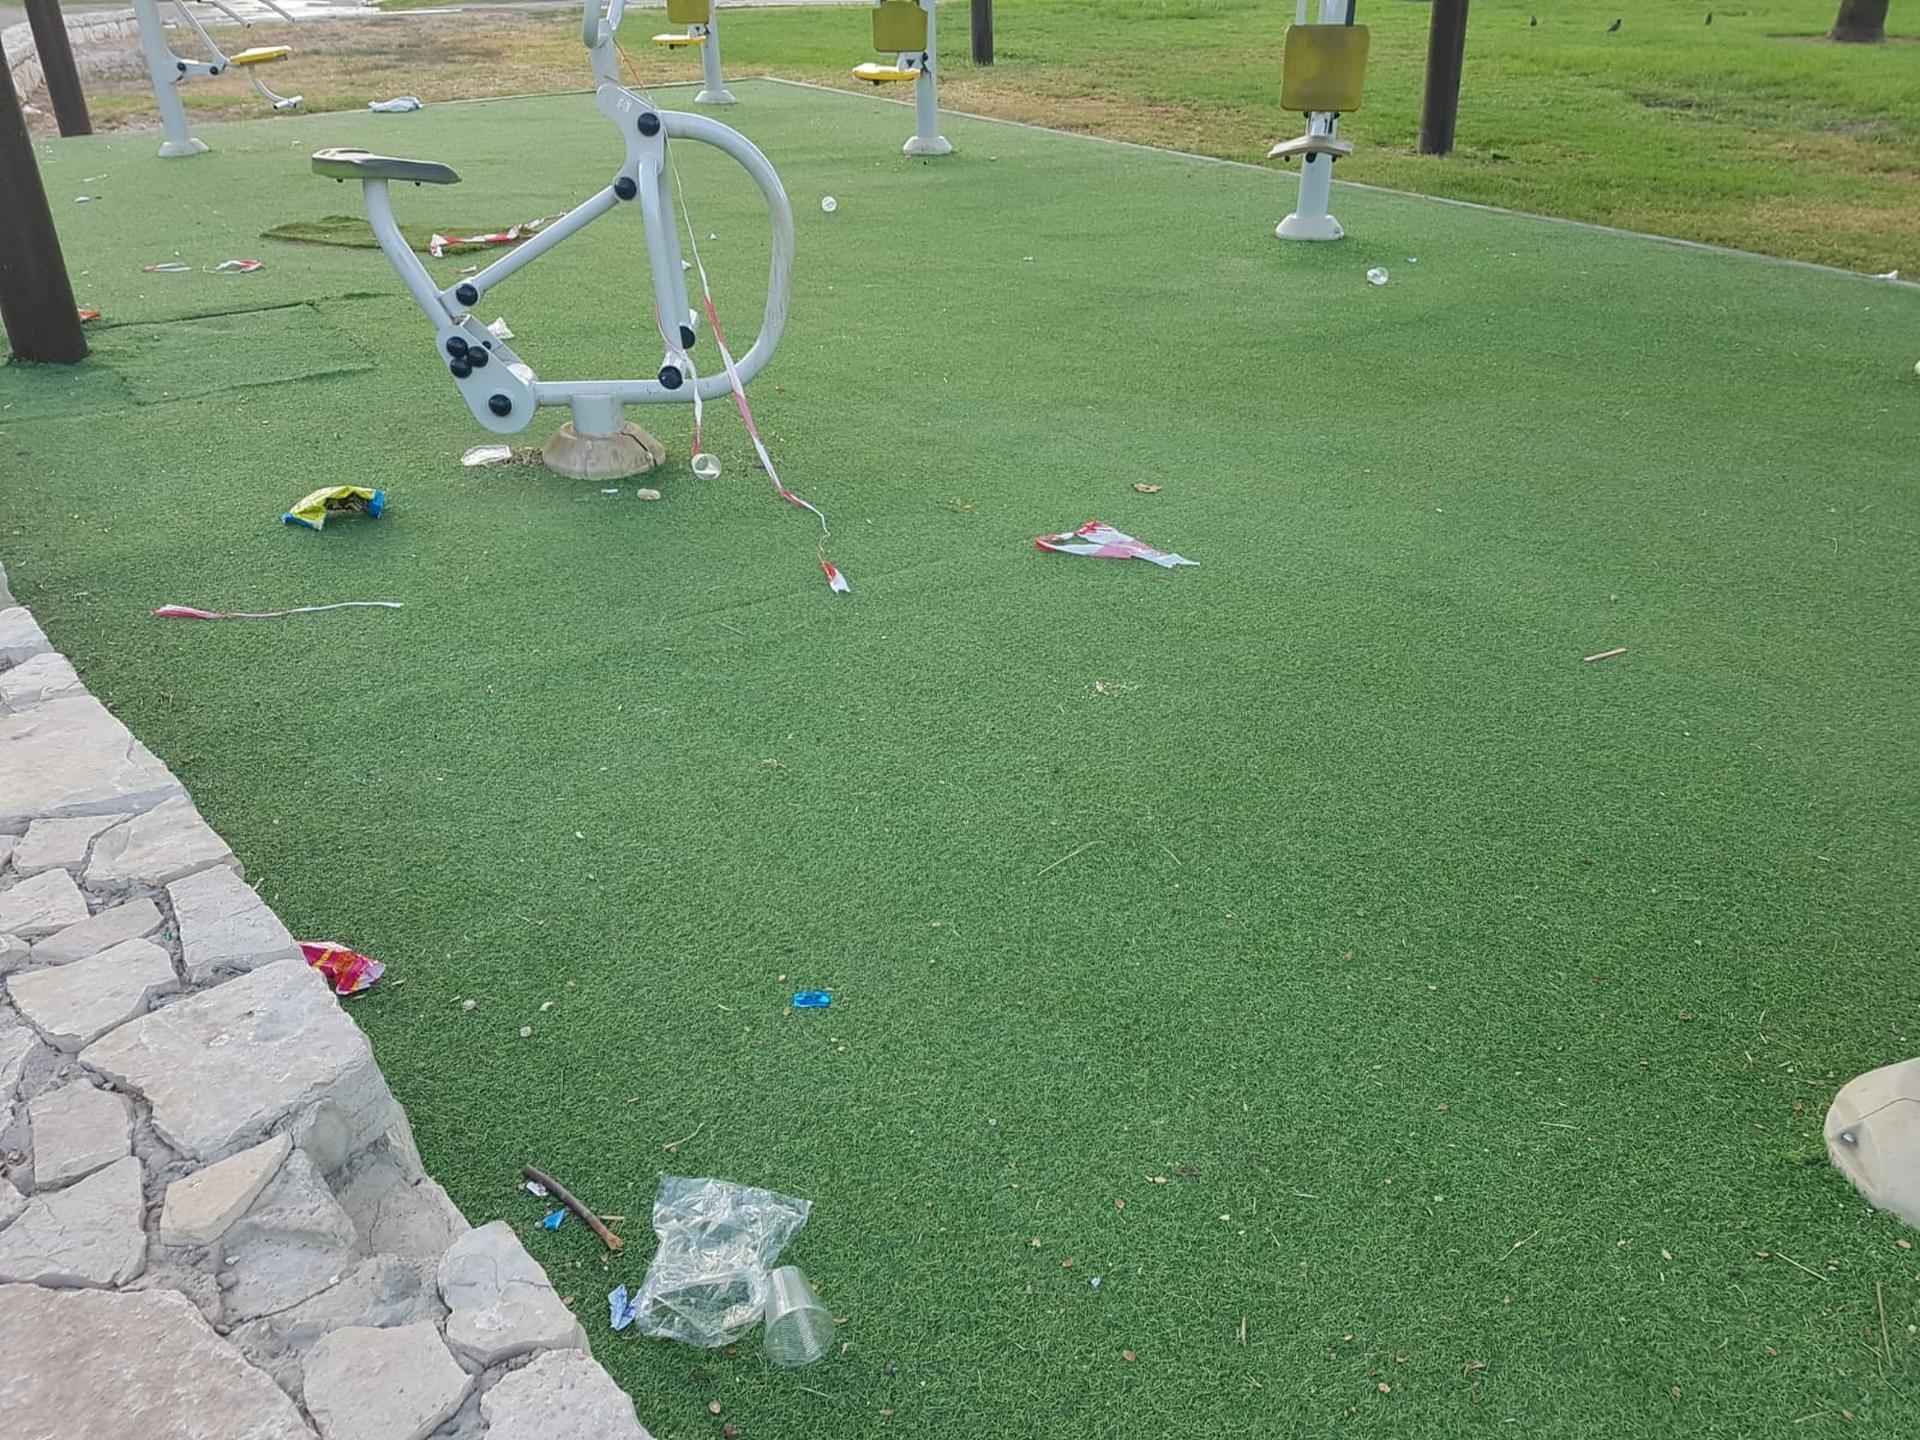 הלכלוך בפארק ענבה. צילום: שחר מי און